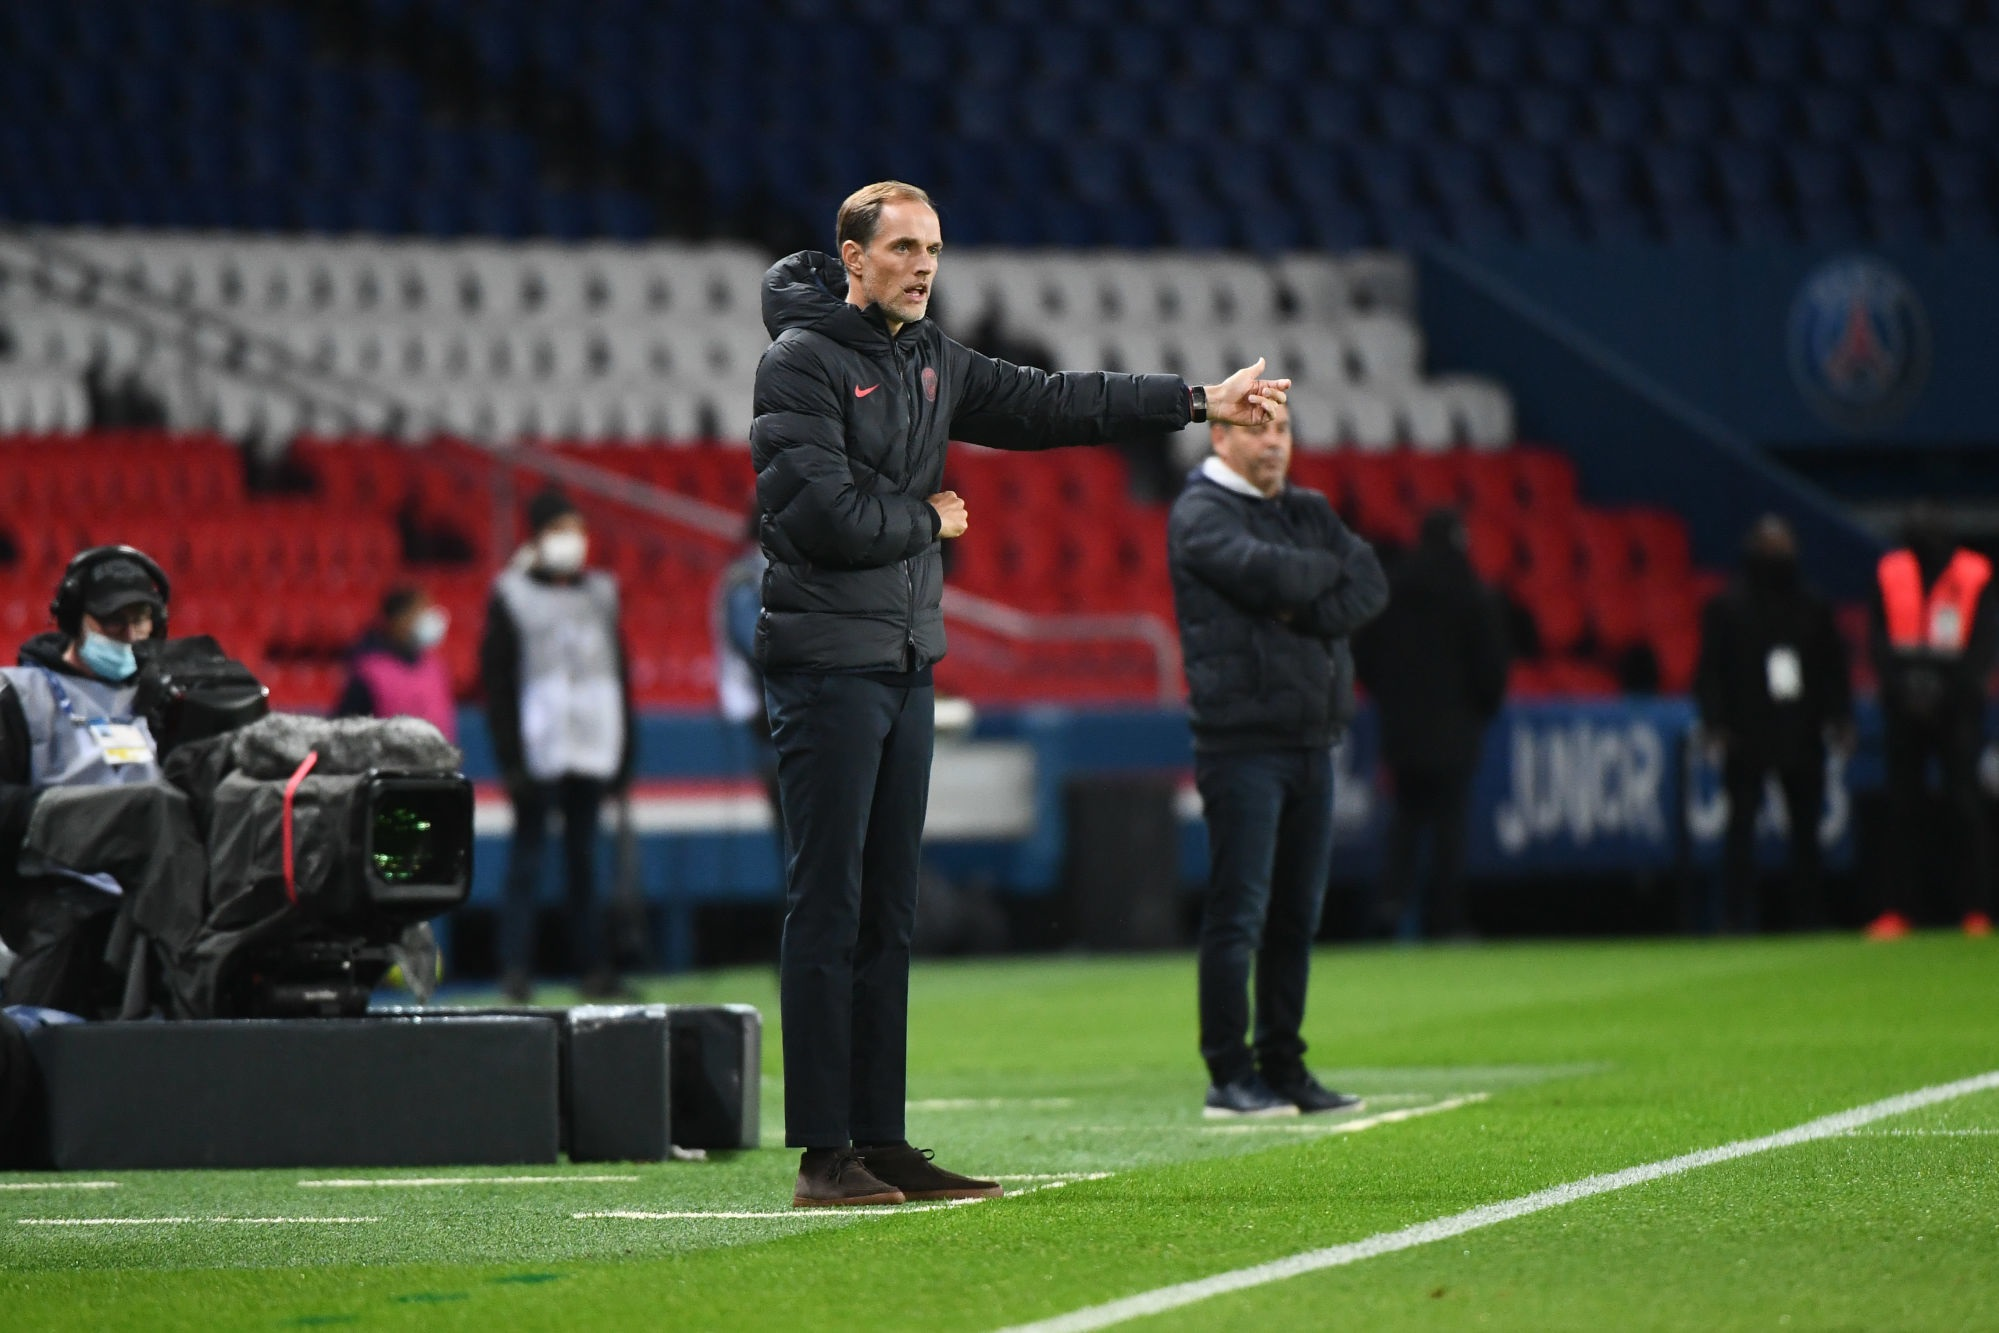 PSG/Angers - Tuchel évoque sa satisfaction, la tactique et le mercato